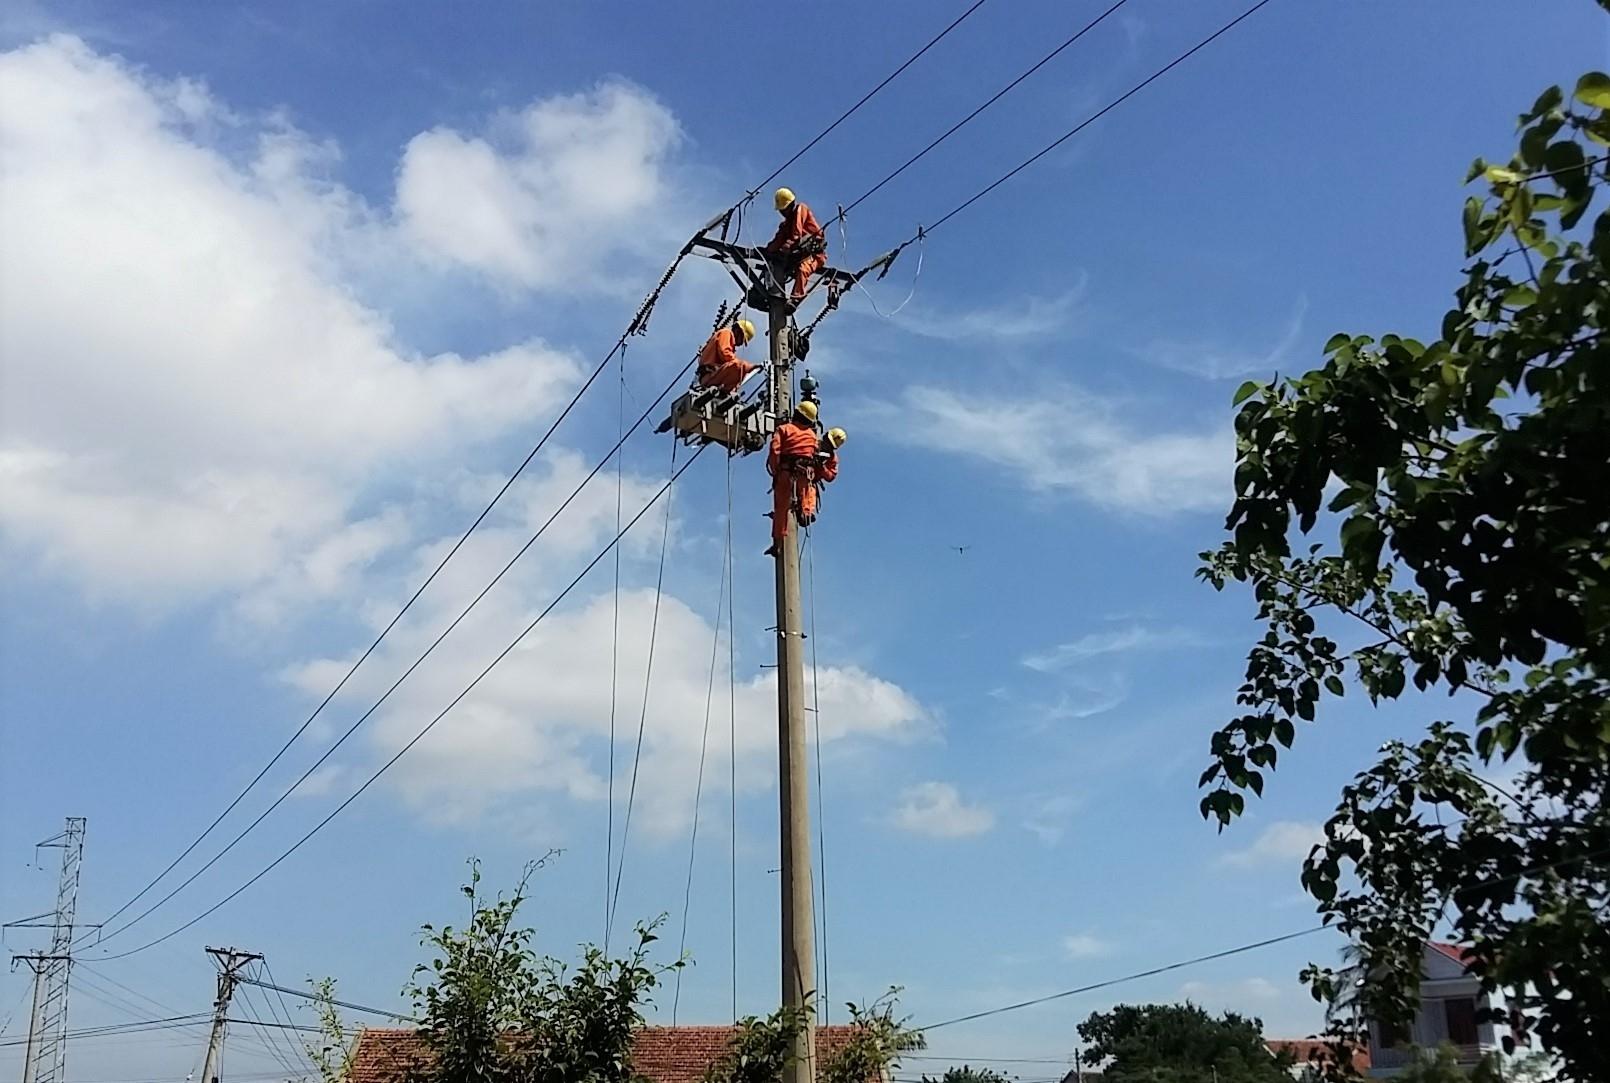 Nỗi lòng vợ thợ điện